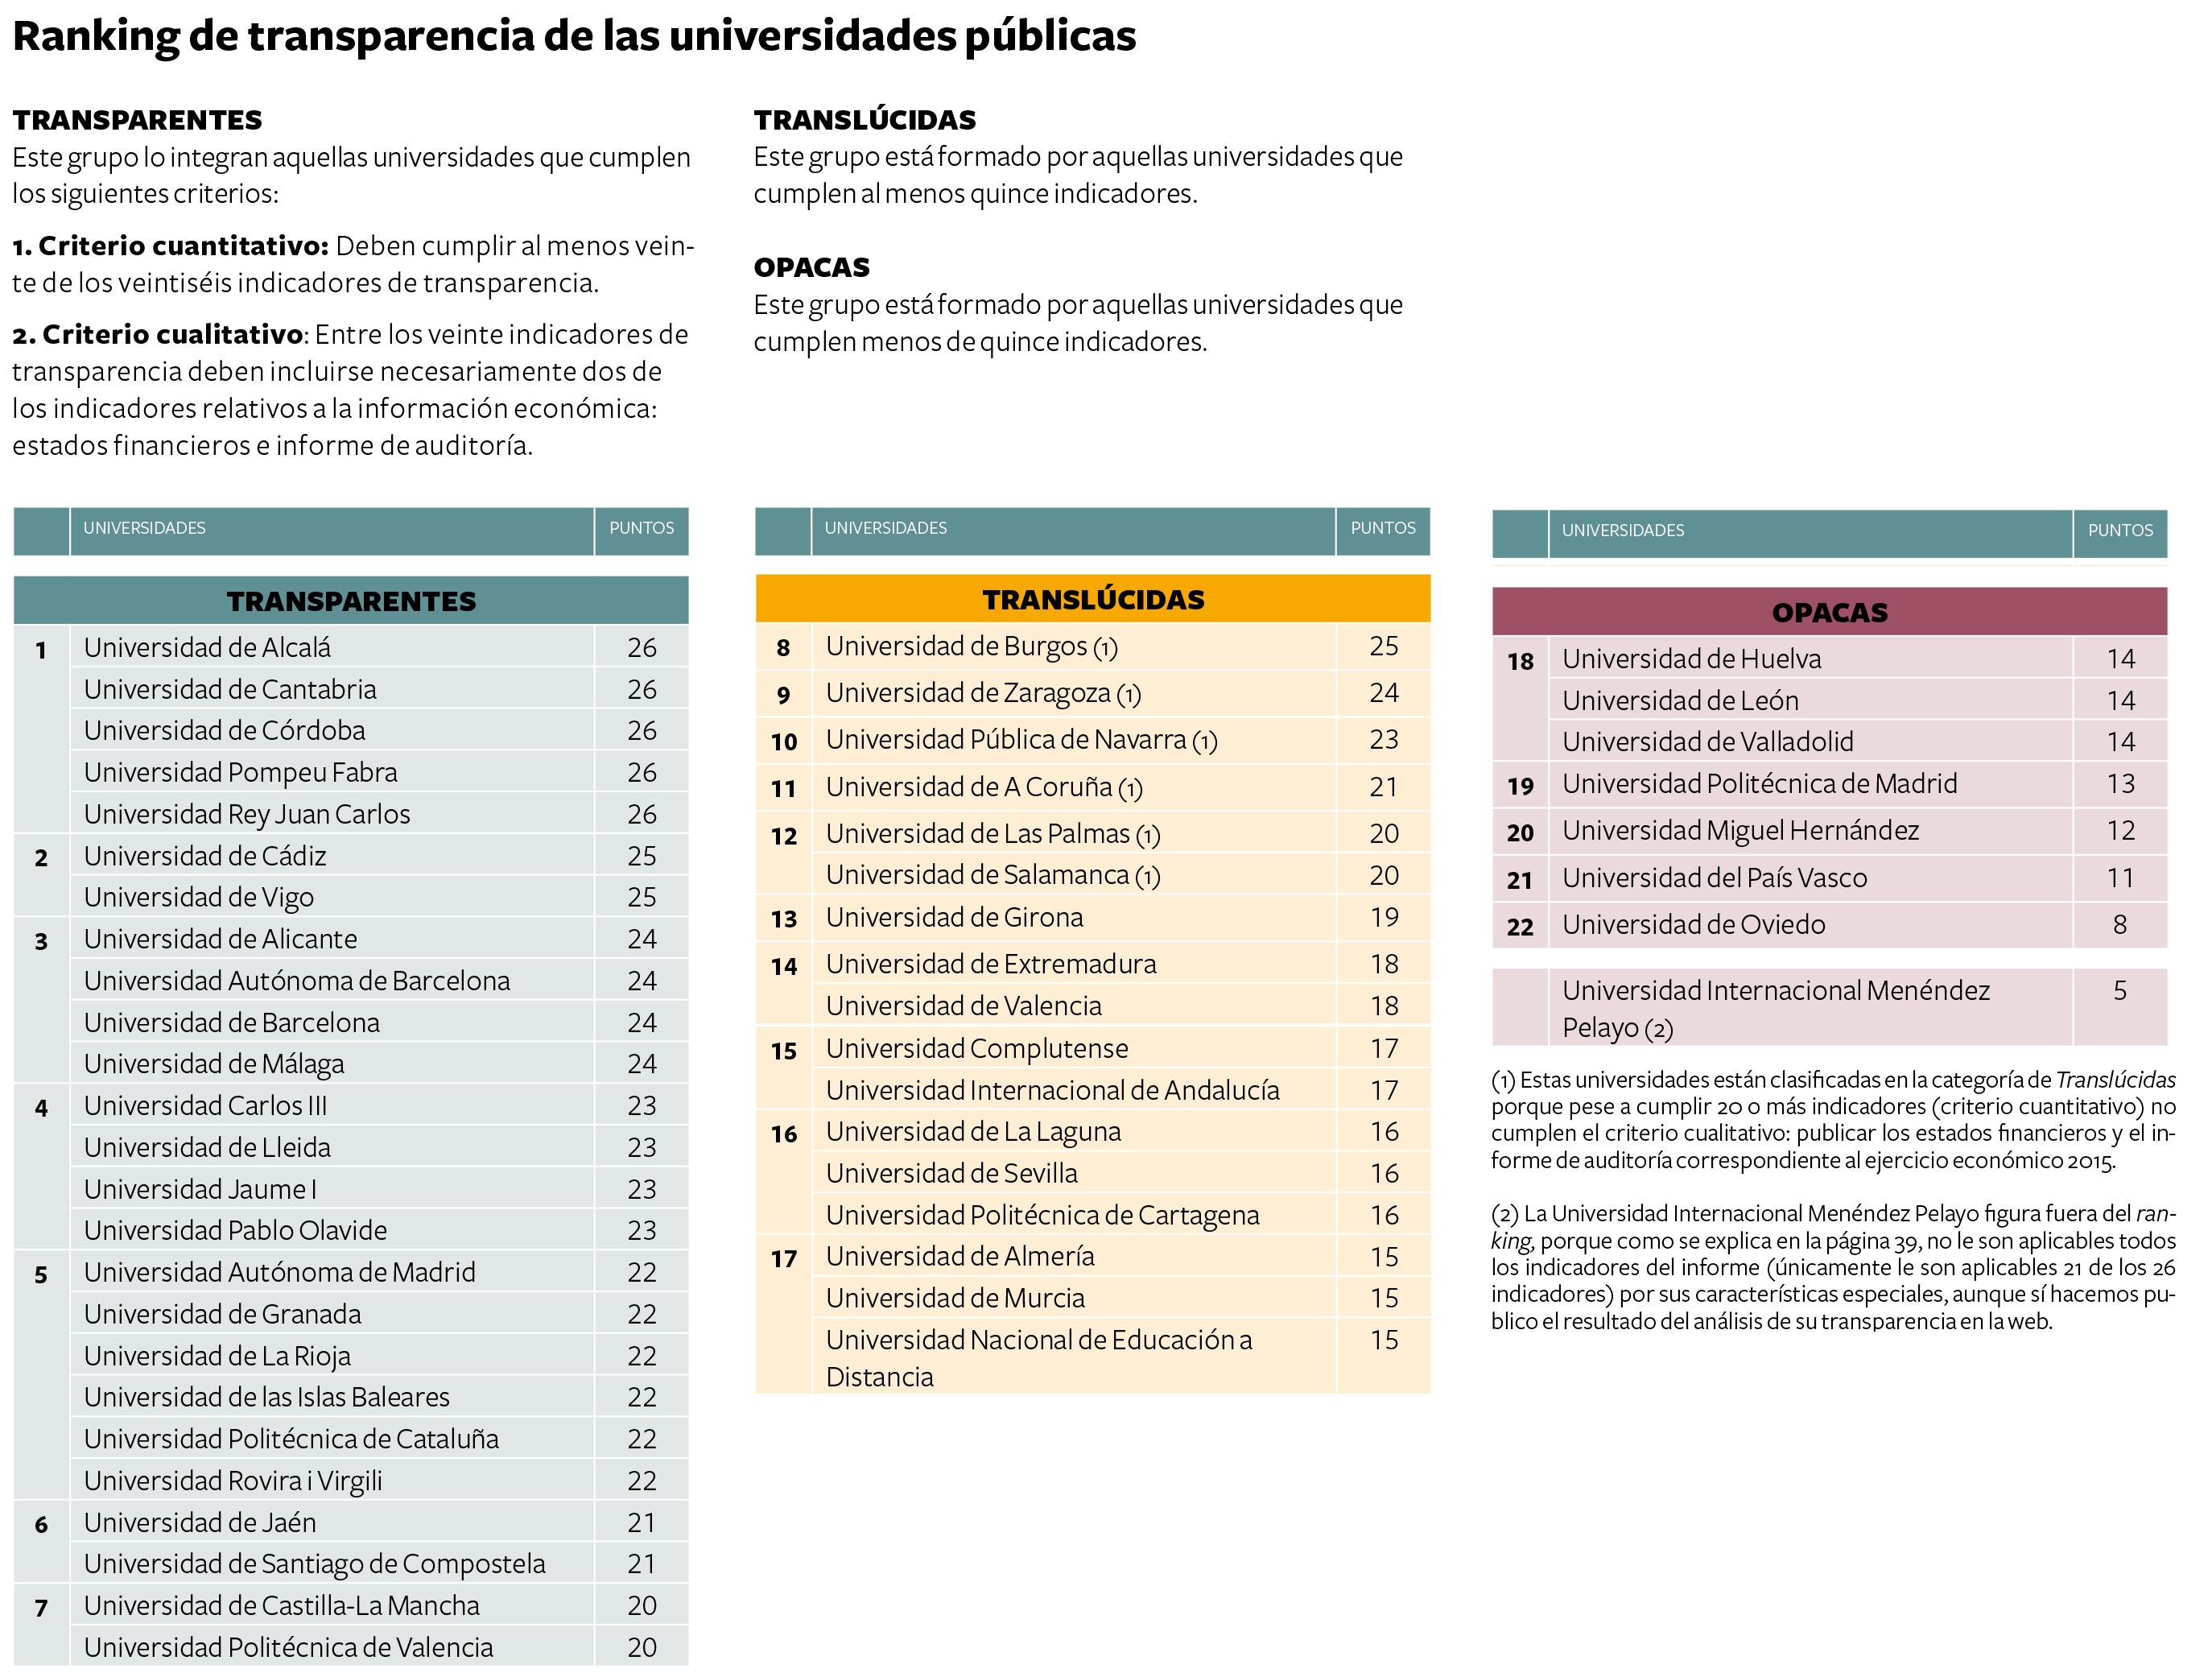 transparencia-publicas